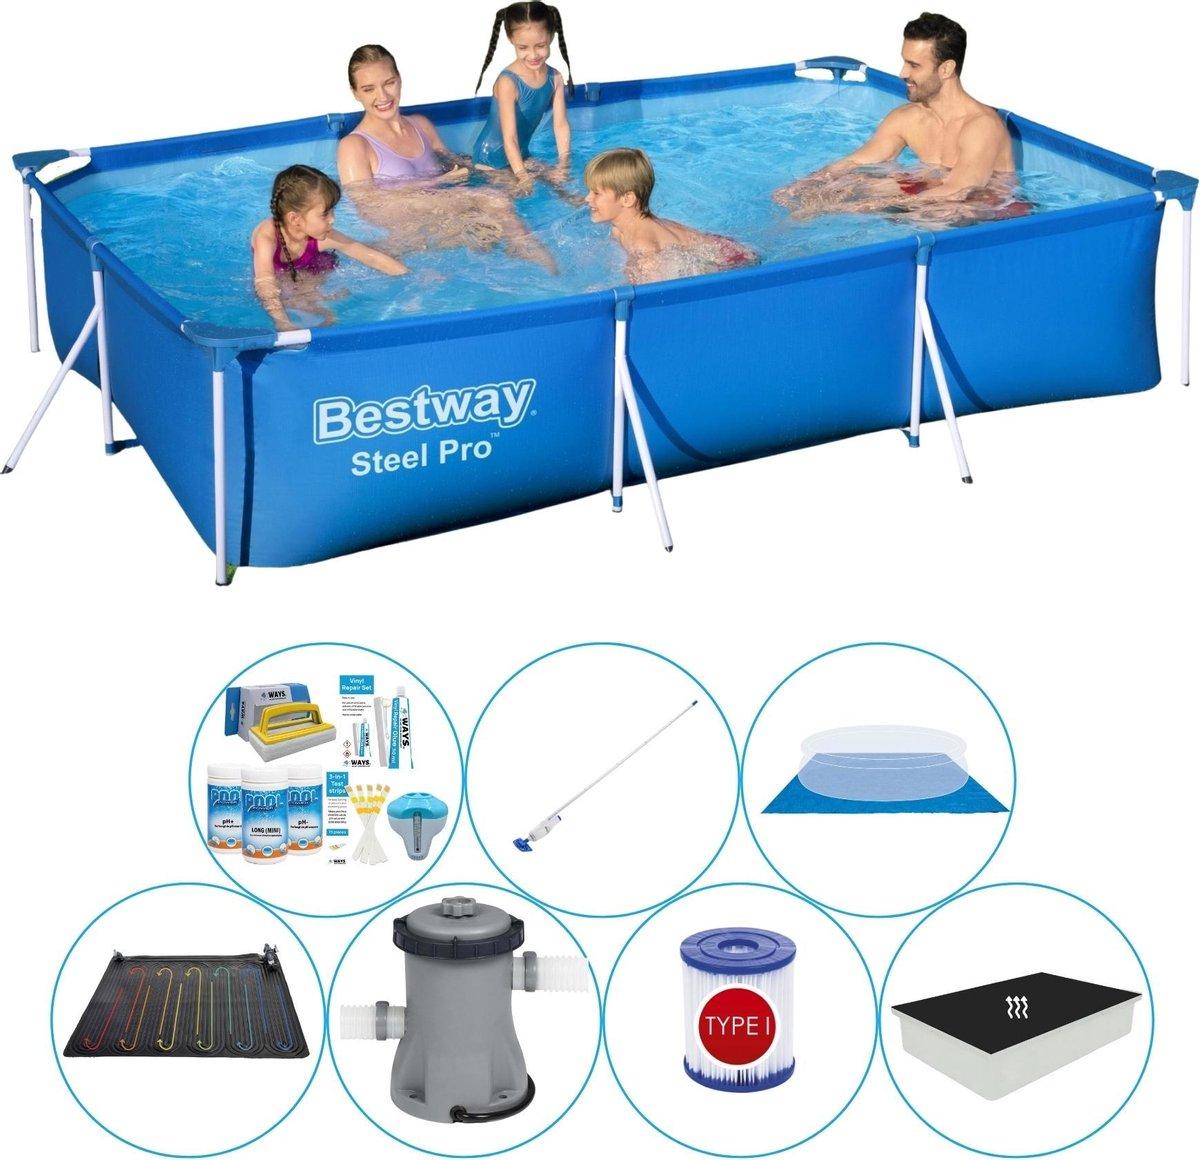 Bestway zwembad met filterpomp - 300 x 201 x 66 - inclusief chloorset